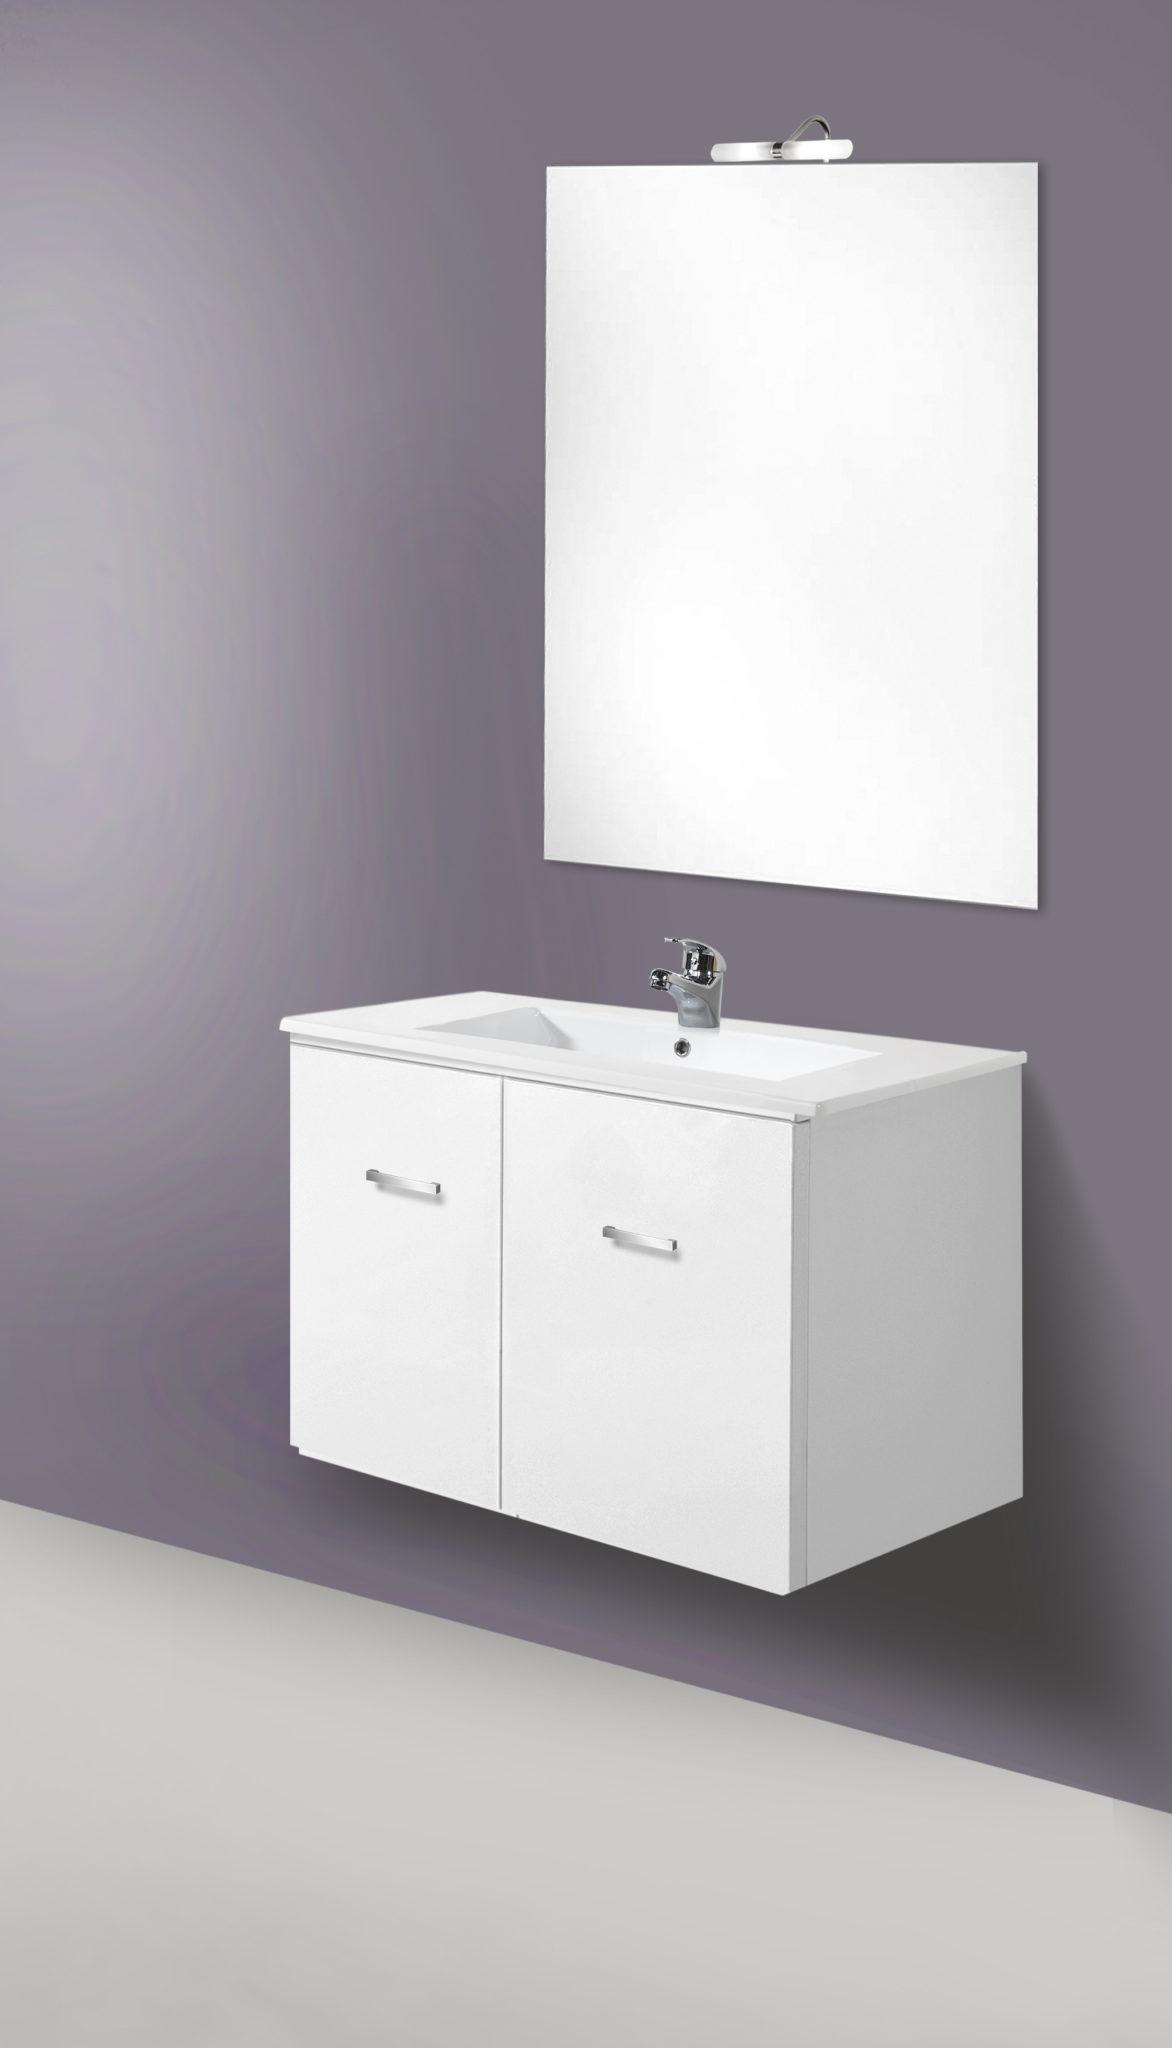 Mobile bagno con antine sottostanti offerte box per doccia for Mobile per il bagno offerte